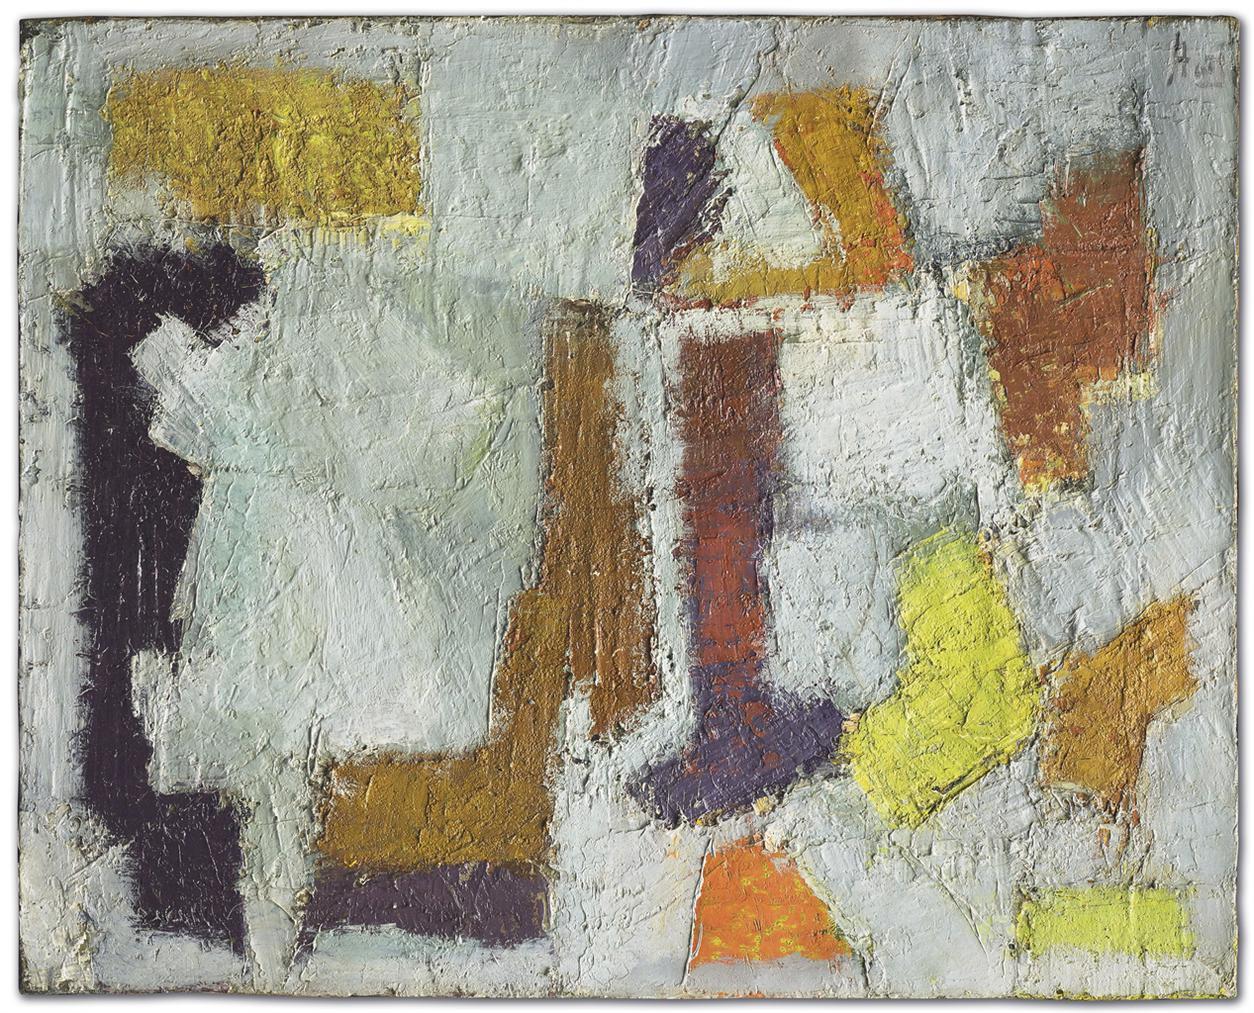 Nicolas de Stael-Composition (Peinture)-1949